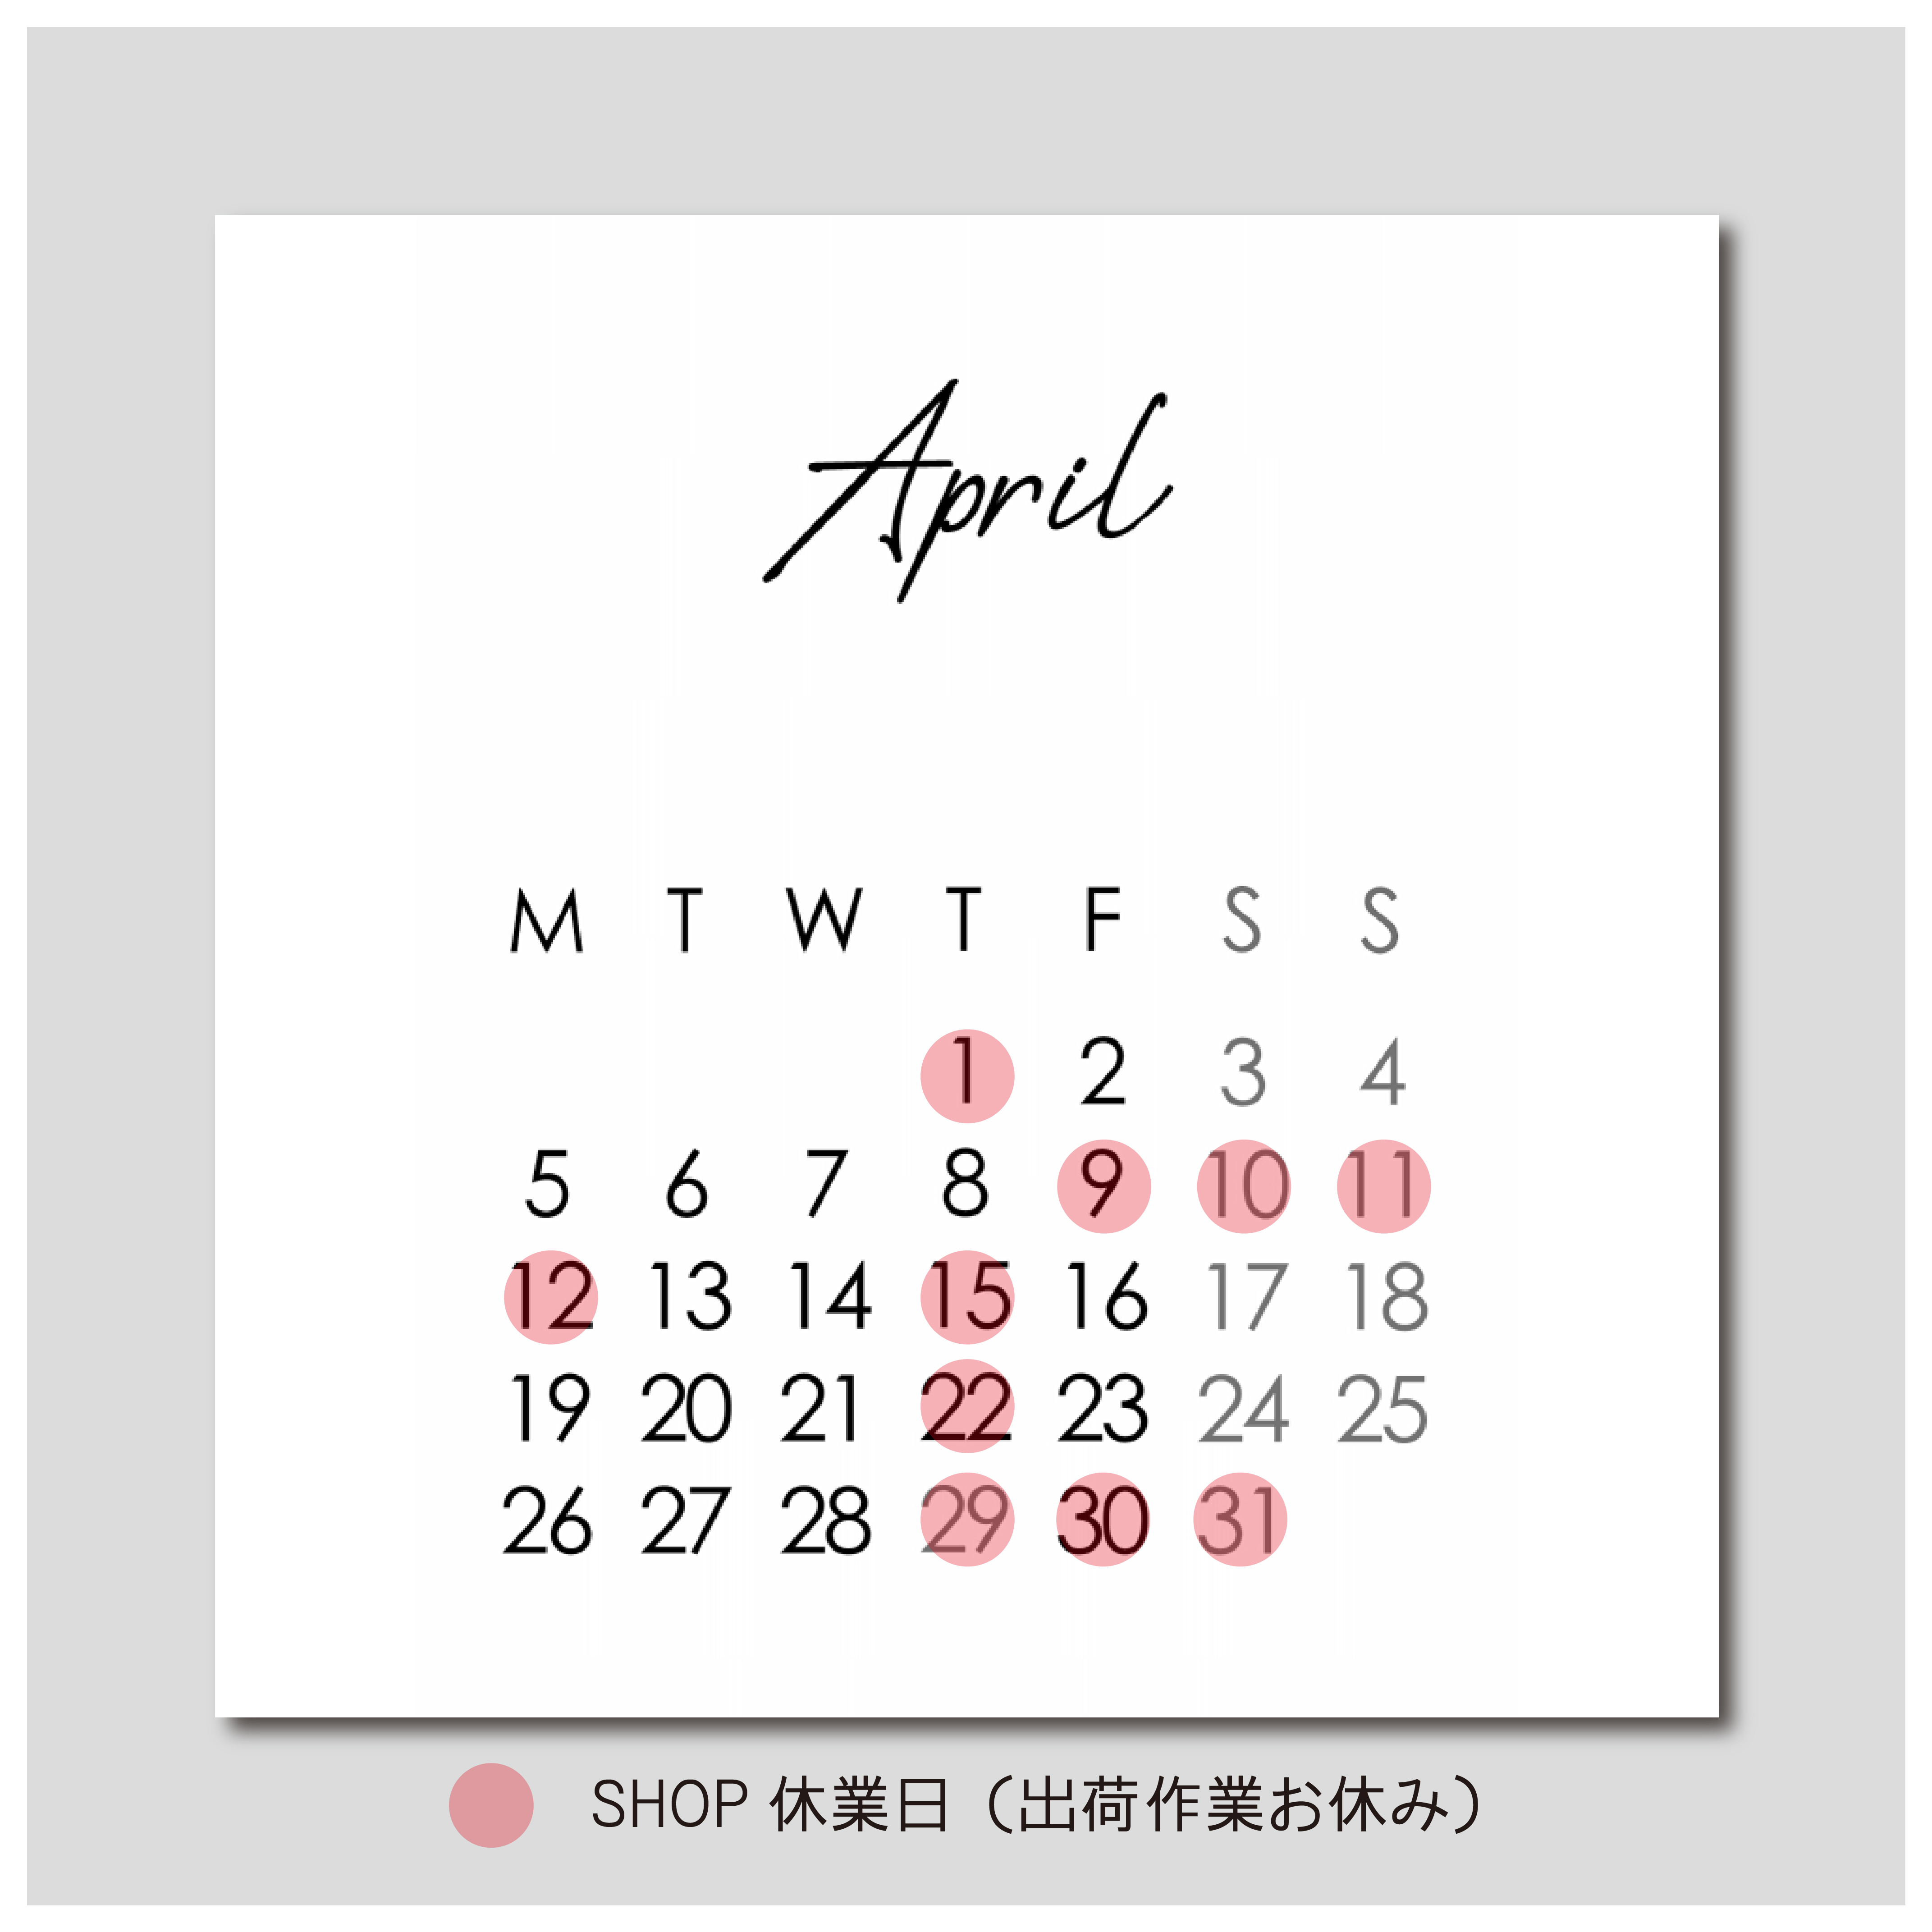 【営業日カレンダー】2021年4月